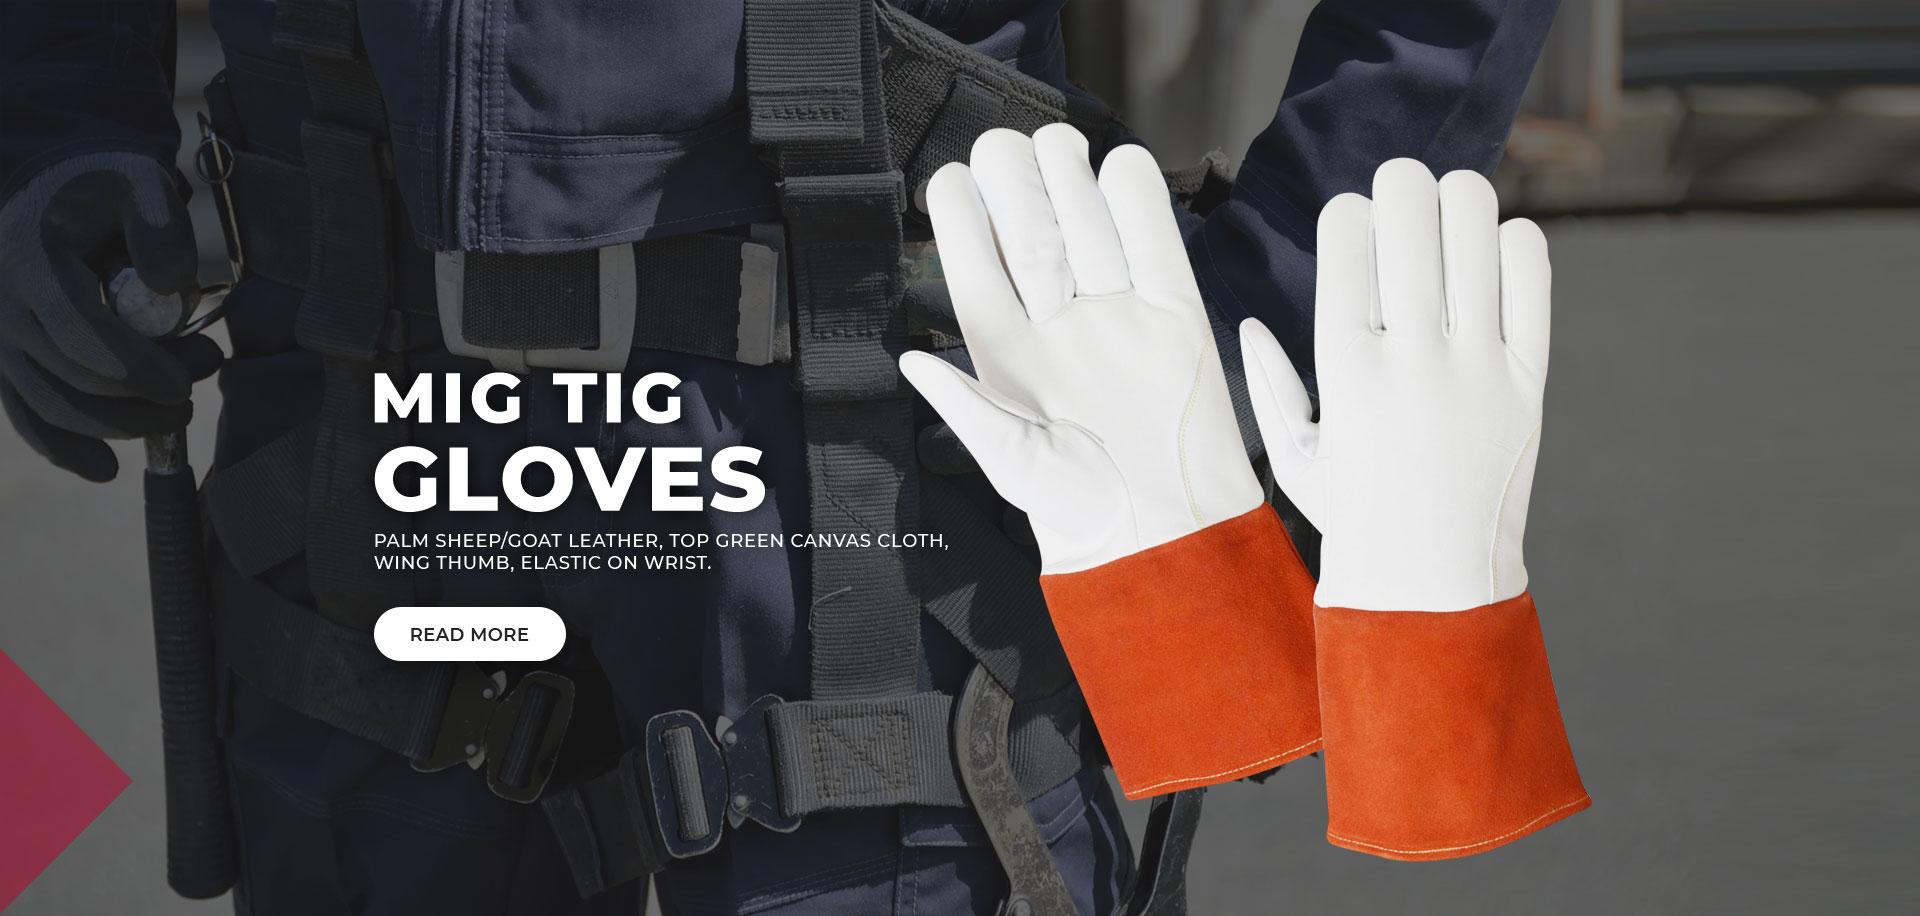 MIG TIG GLOVES-6